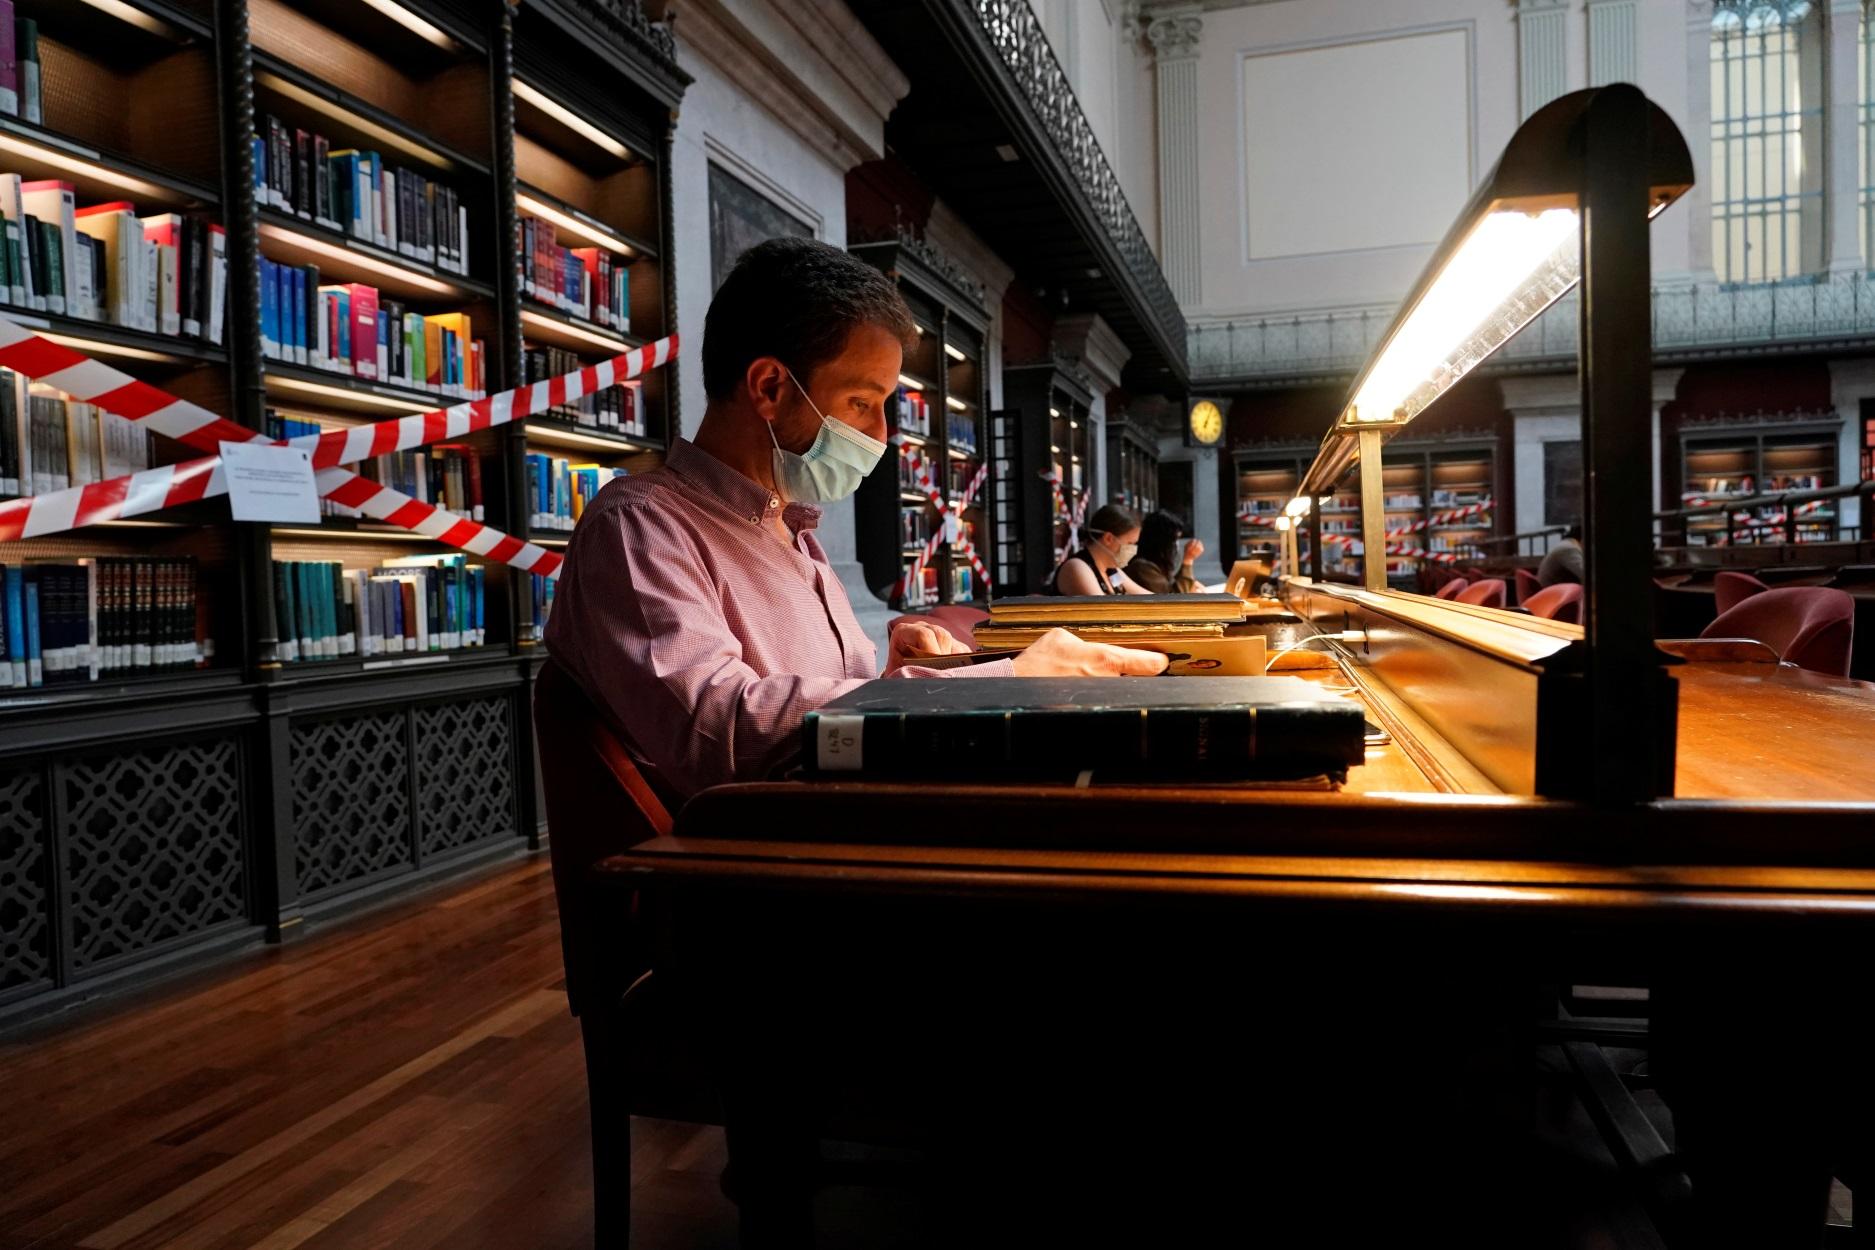 Boccaccio Project – Δέκα μουσικές συνθέσεις από τη Βιβλιοθήκη του Αμερικανικού Κογκρέσου εμπνευσμένες από τον κορονοϊό